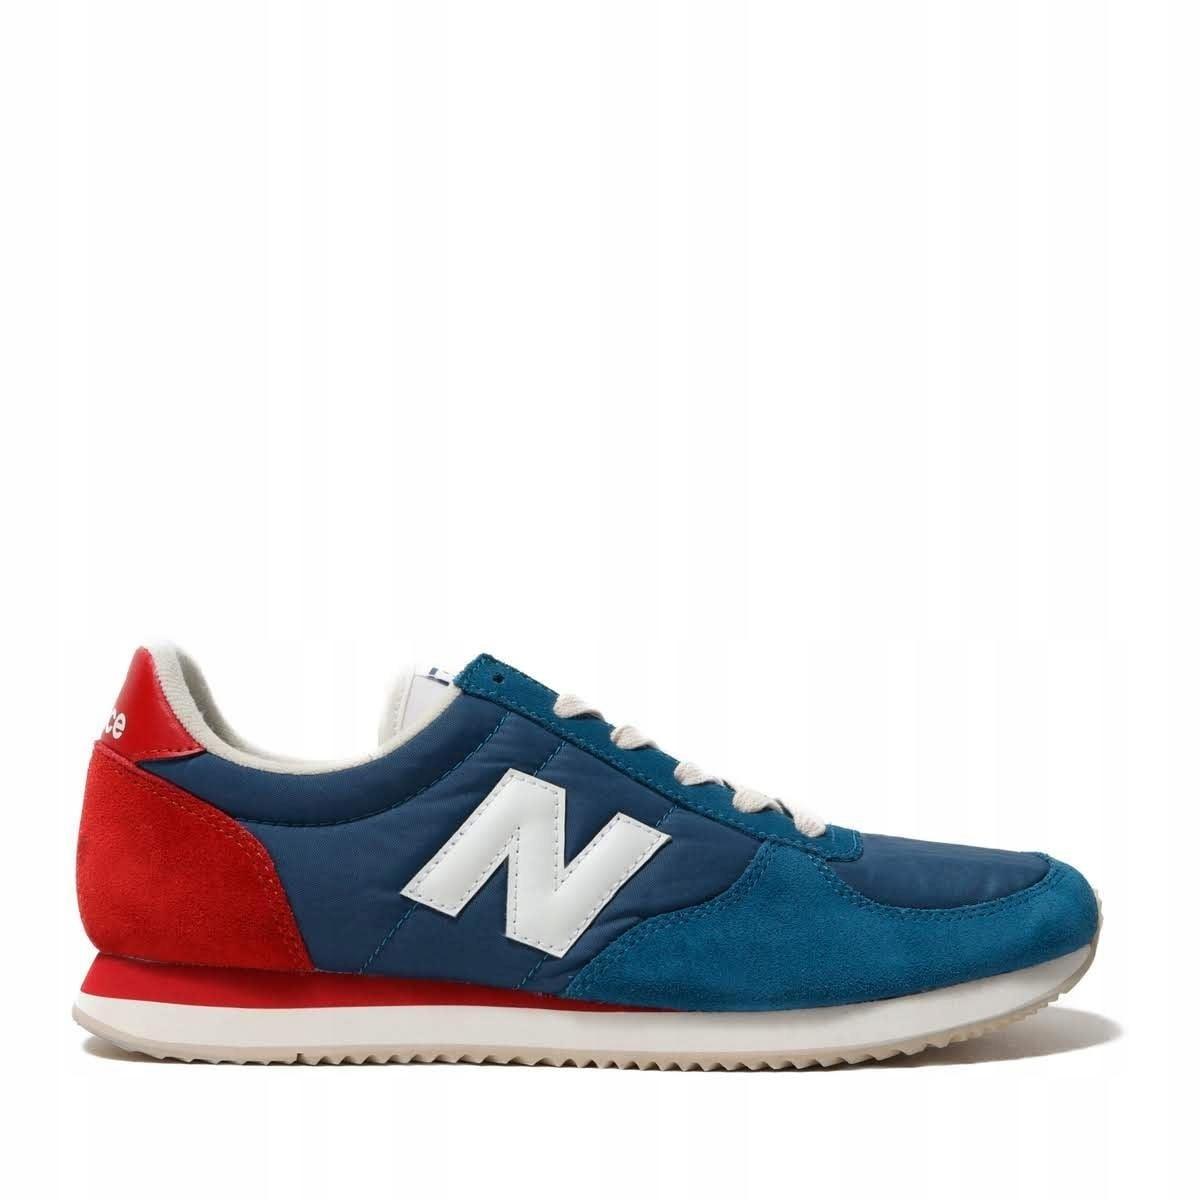 Buty New Balance NBU220FF NBU220FF-a2 r 41,5